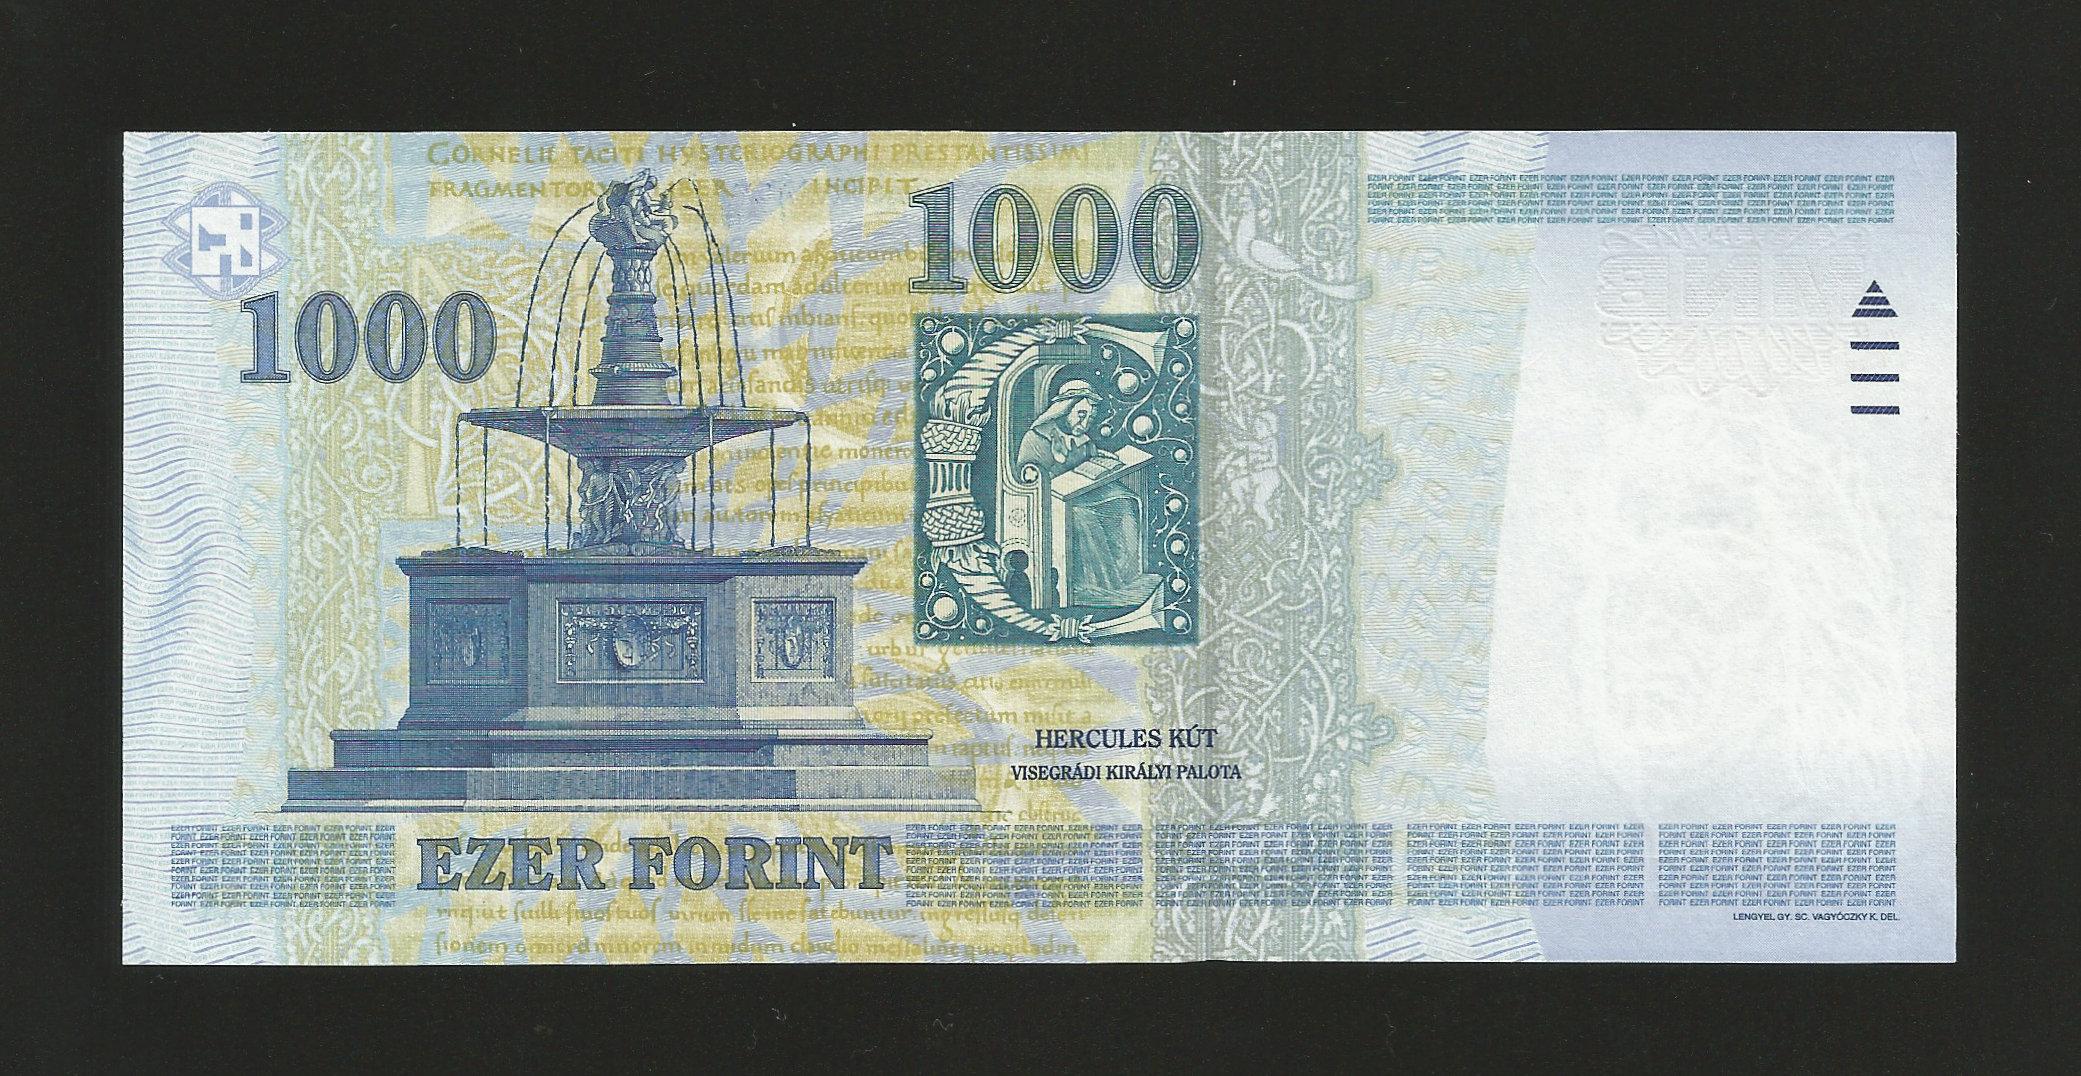 1000 eur in huf